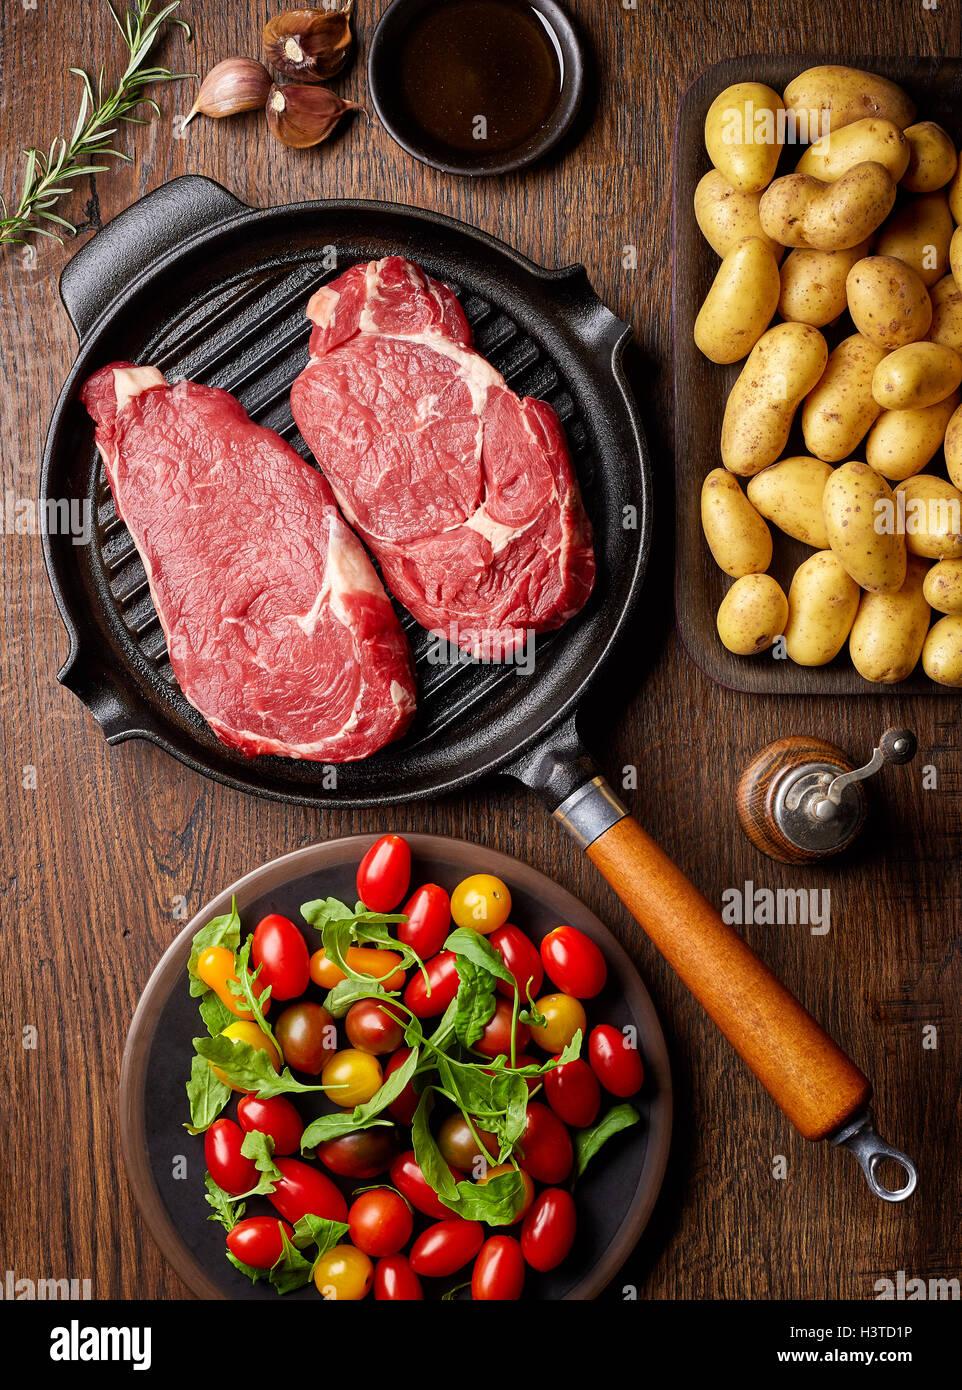 Filete de carne cruda en la parrilla, patatas, tomates y especias, vista superior, sobre la mesa de madera Imagen De Stock